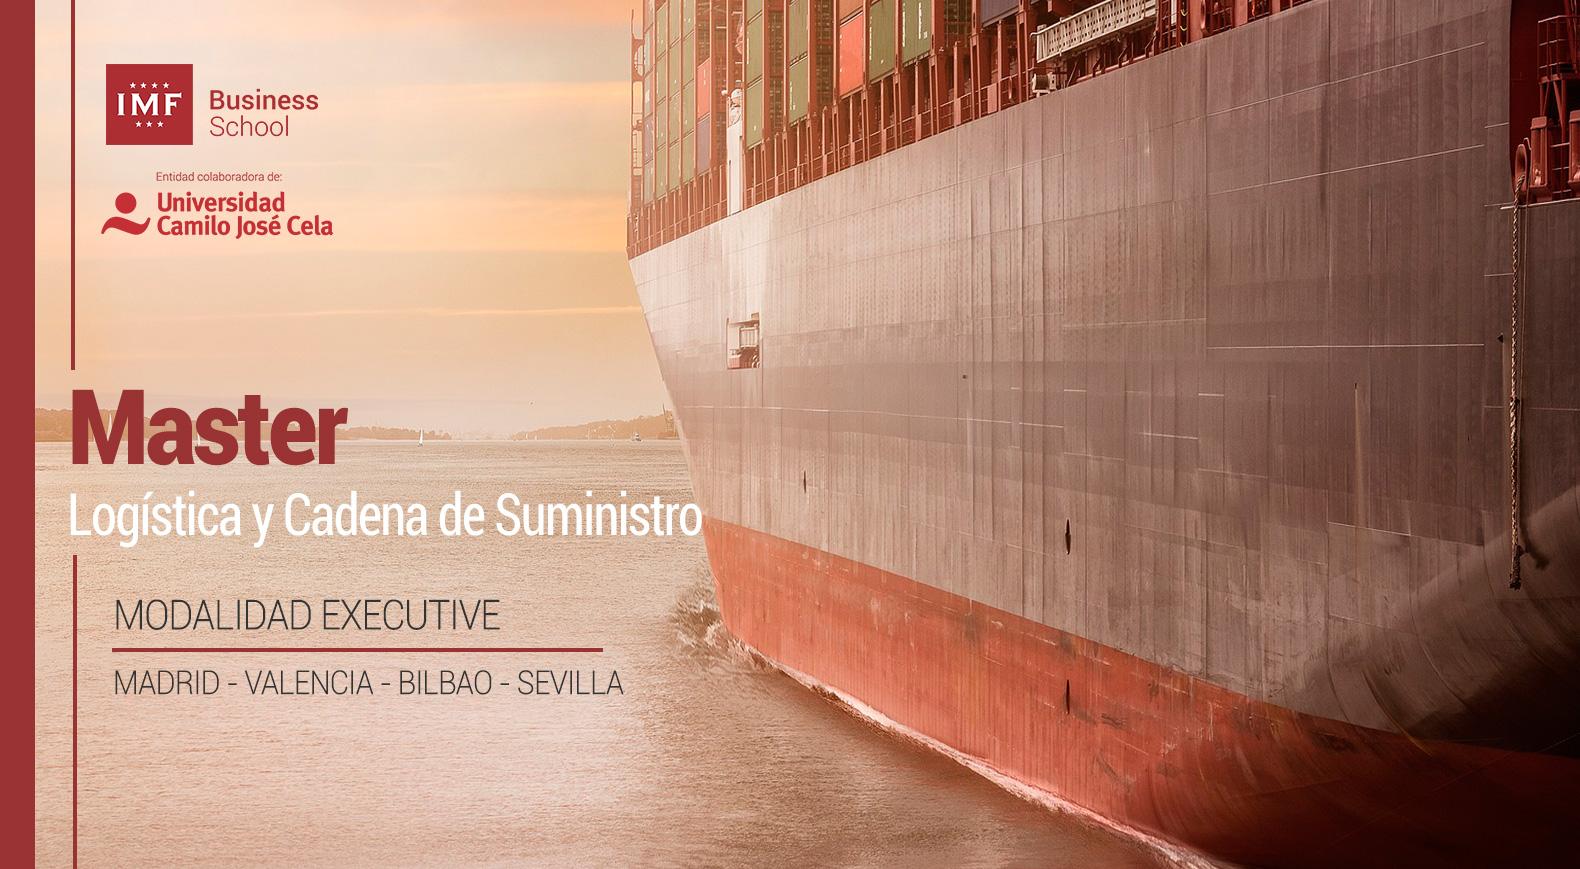 master executive logistica y cadena de suministro